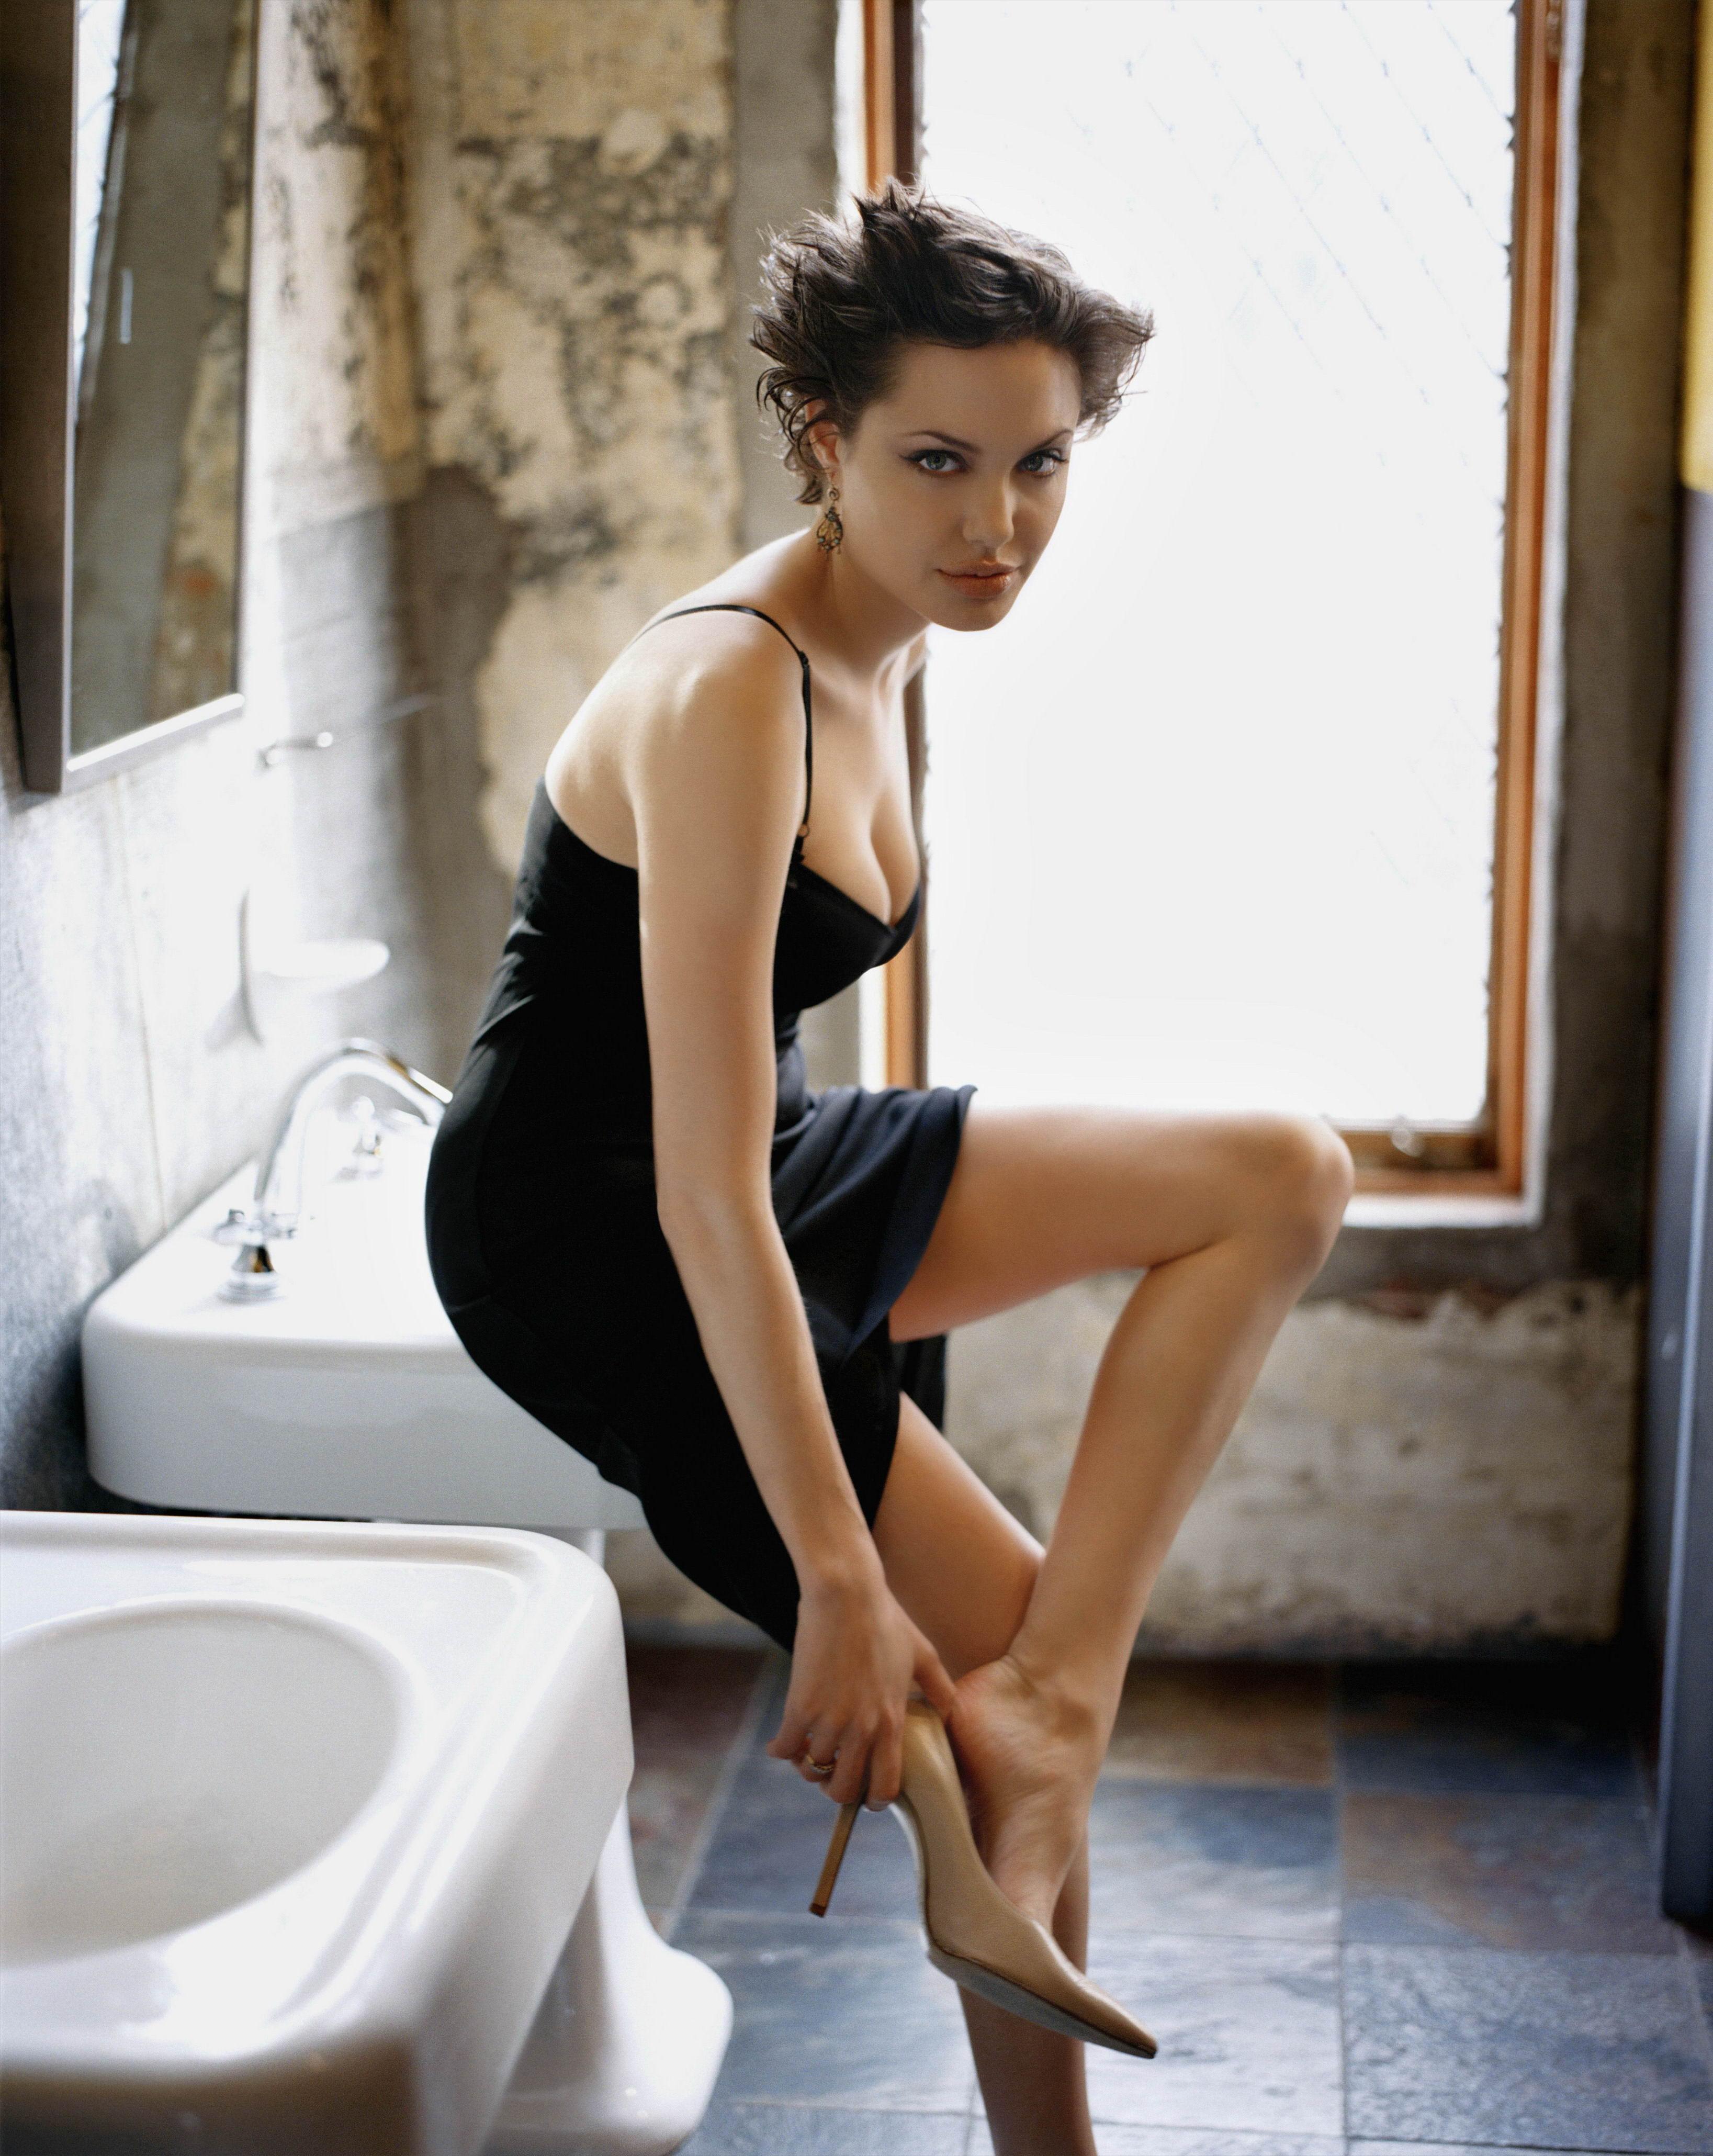 Кожній країні по Анджеліні: Як виглядають двійники Анджеліни Джолі - фото 14